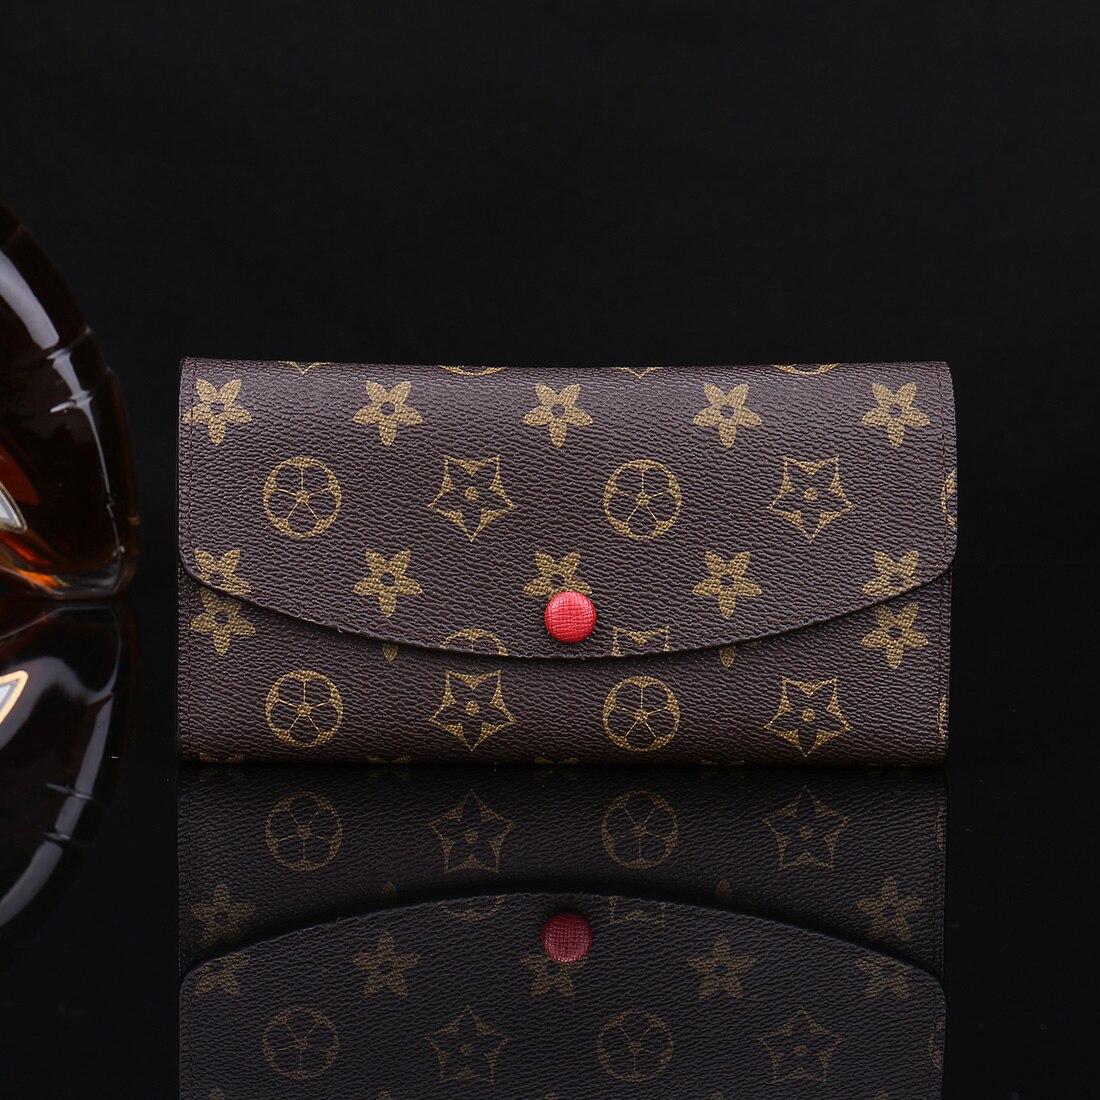 2019 nouvelle mode européenne personnalité pochette femme longue Section grande capacité téléphone Mobile femmes portefeuille marée luxe